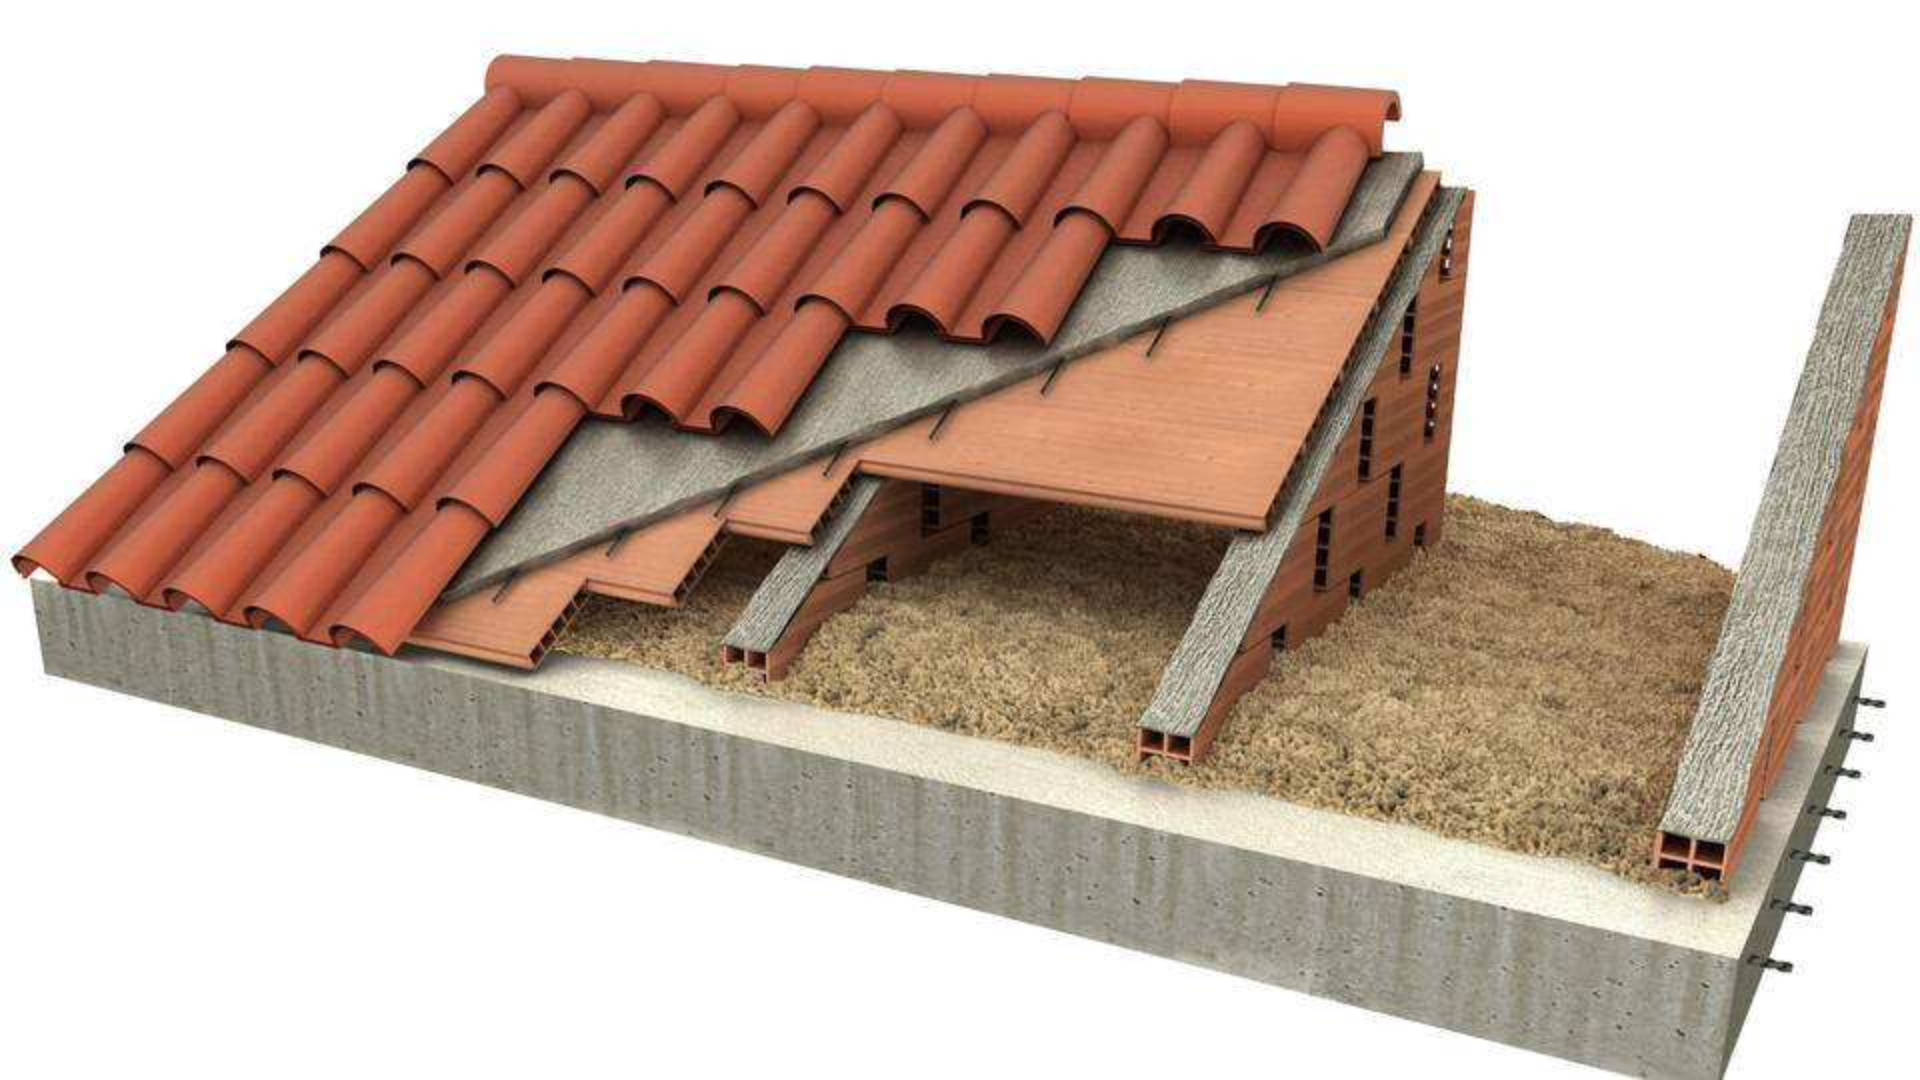 pitched roof render, Sobre ultimo forjado Rehabilitación (borra)